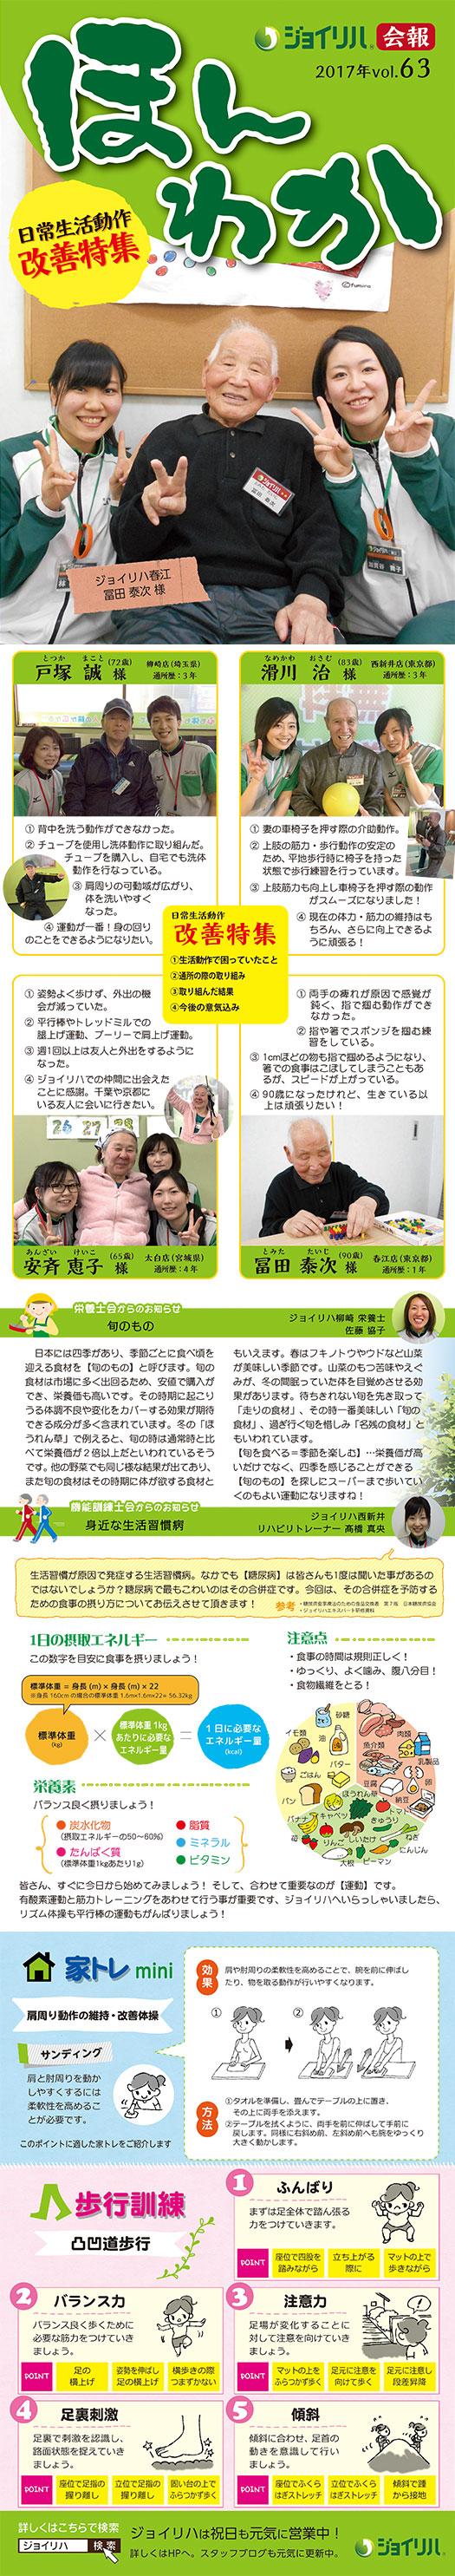 会報「ほんわか」vol.63 「日常生活動作改善特集」